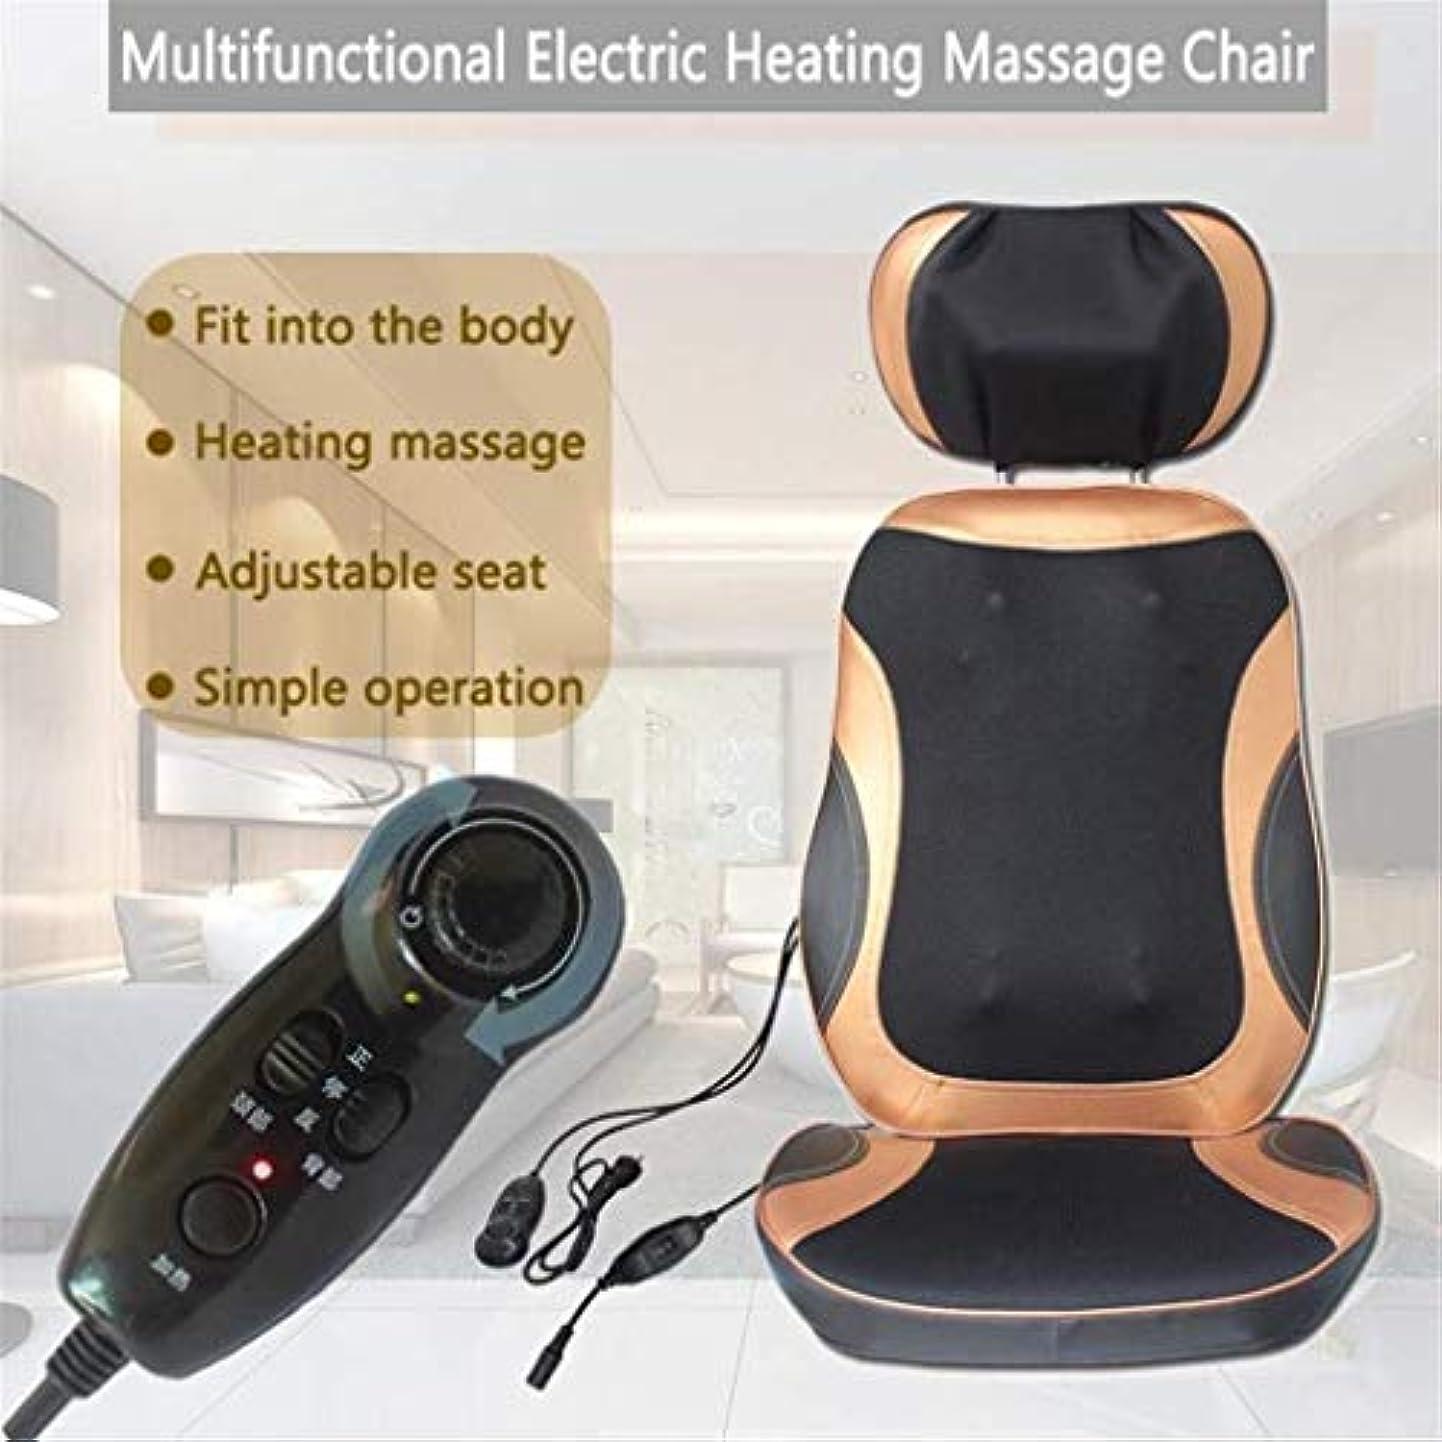 しない教会視聴者多機能マッサージクッション、電動フルボディマッサージチェア、振動頚部枕首、血液循環の促進、ストレス/痛みの緩和、ホームオフィス